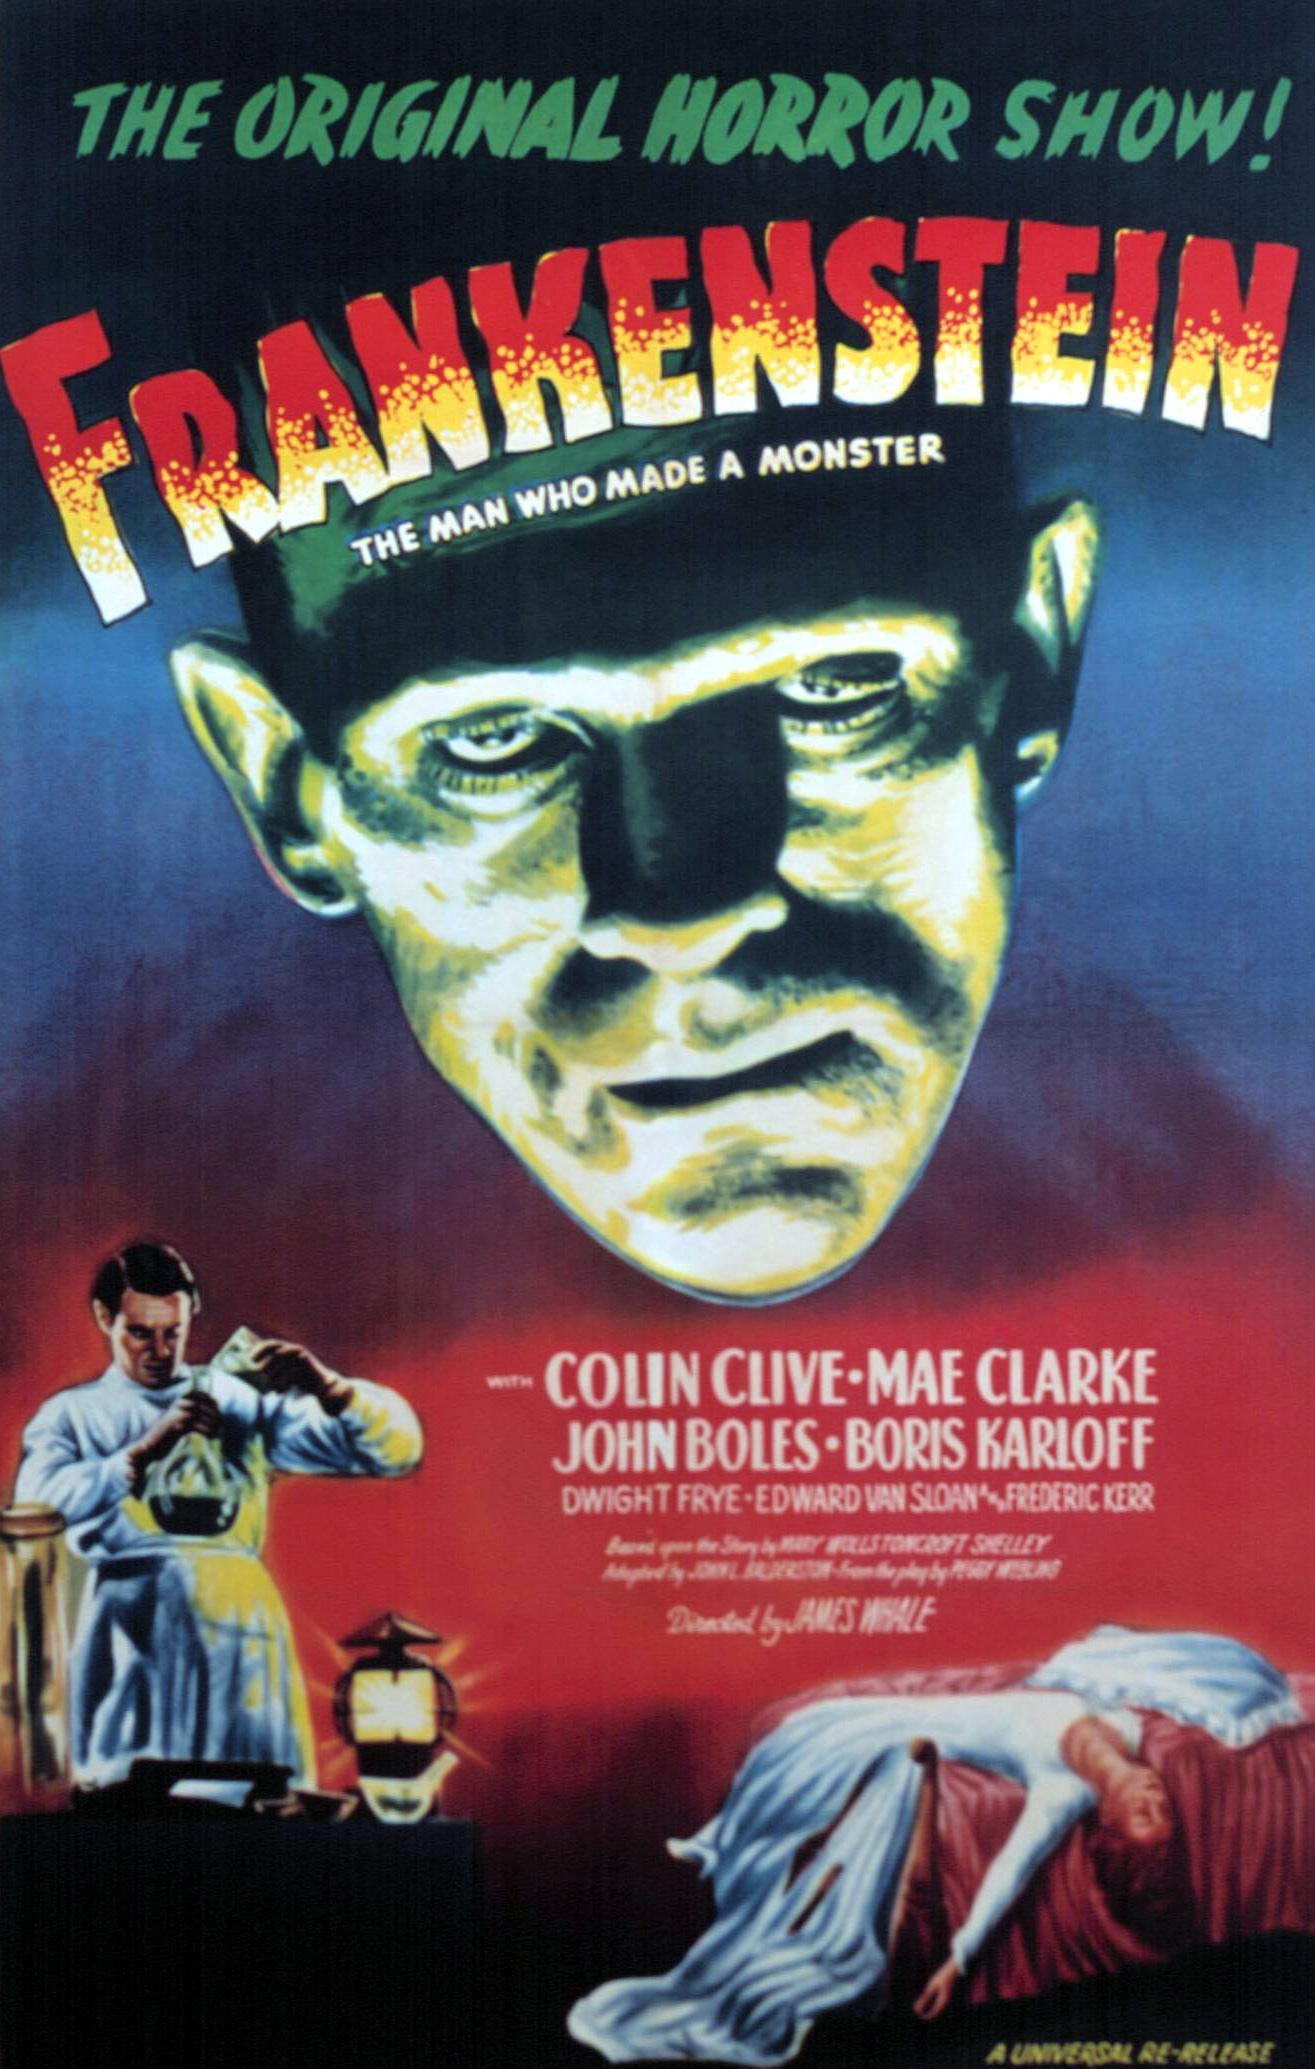 poster-frankenstein-19751765-1315-2069.jpg